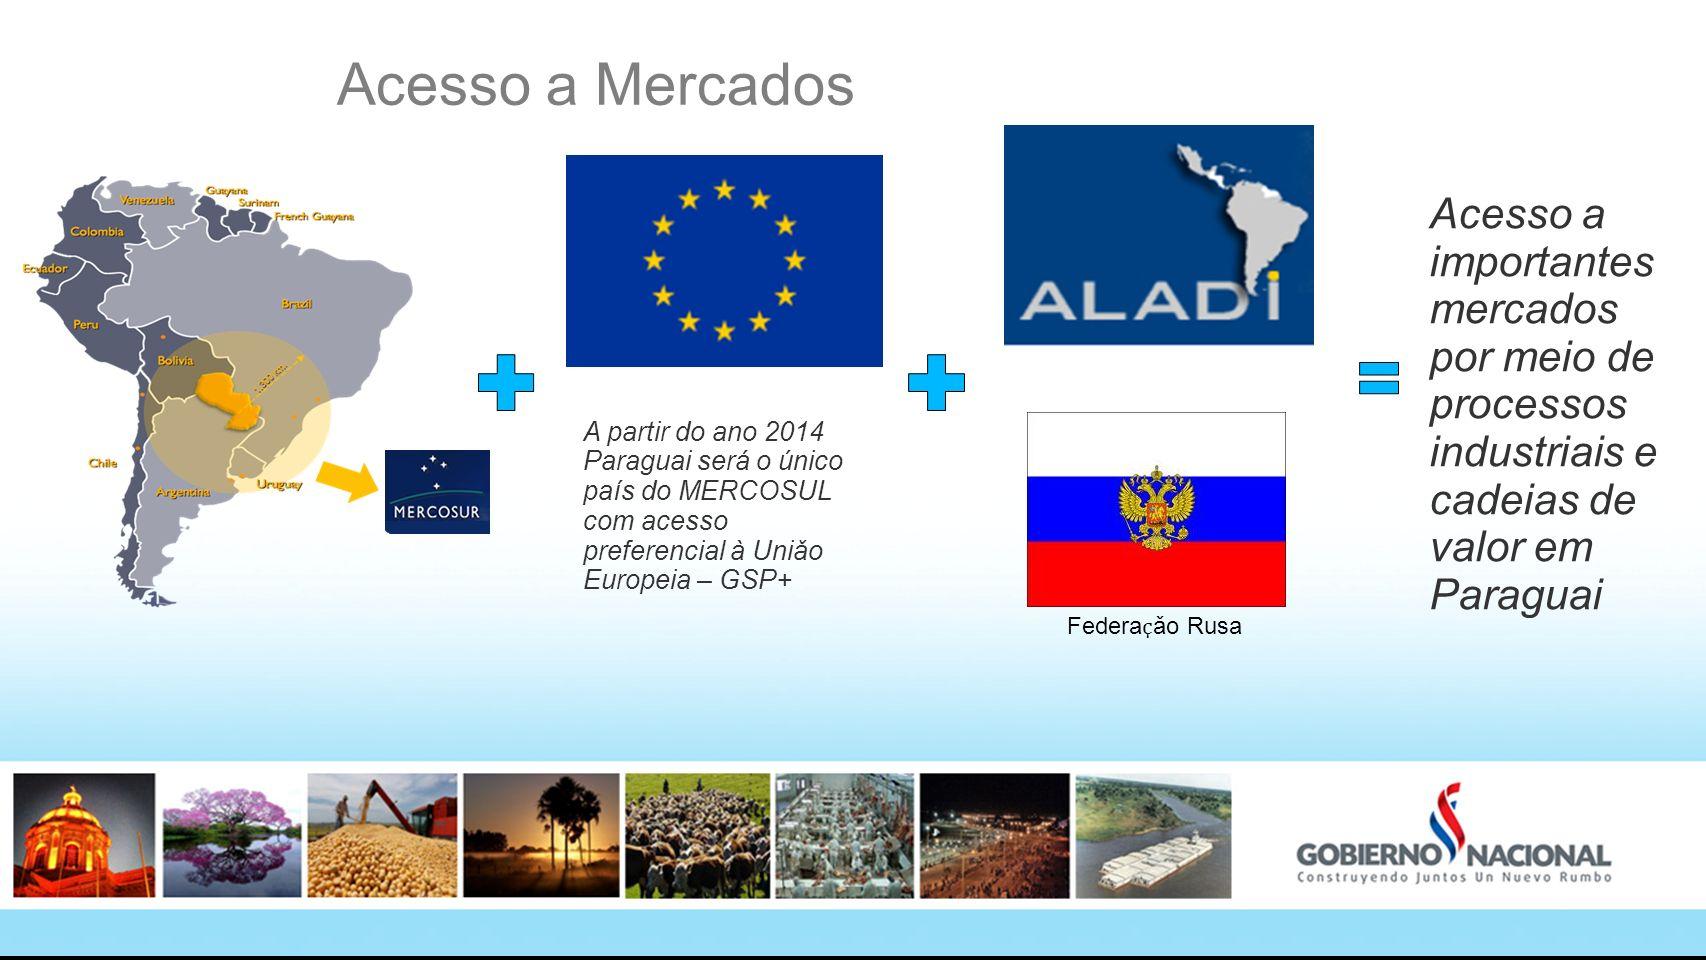 Acesso a Mercados Acesso a importantes mercados por meio de processos industriais e cadeias de valor em Paraguai A partir do ano 2014 Paraguai será o